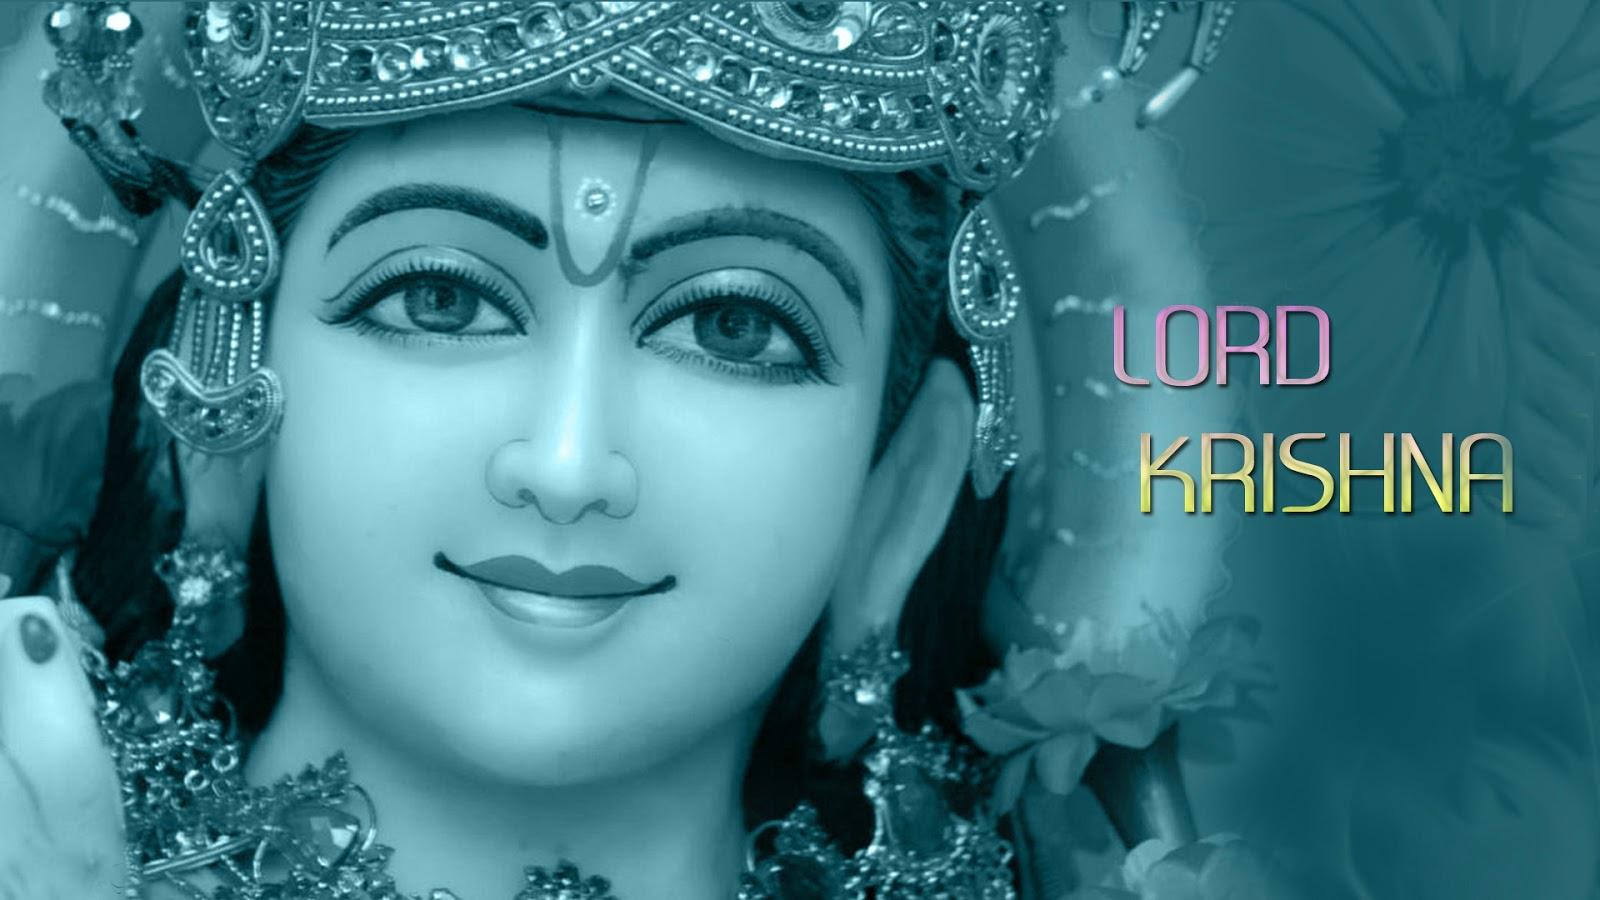 480x800 hd wallpapers lord krishna - photo #47